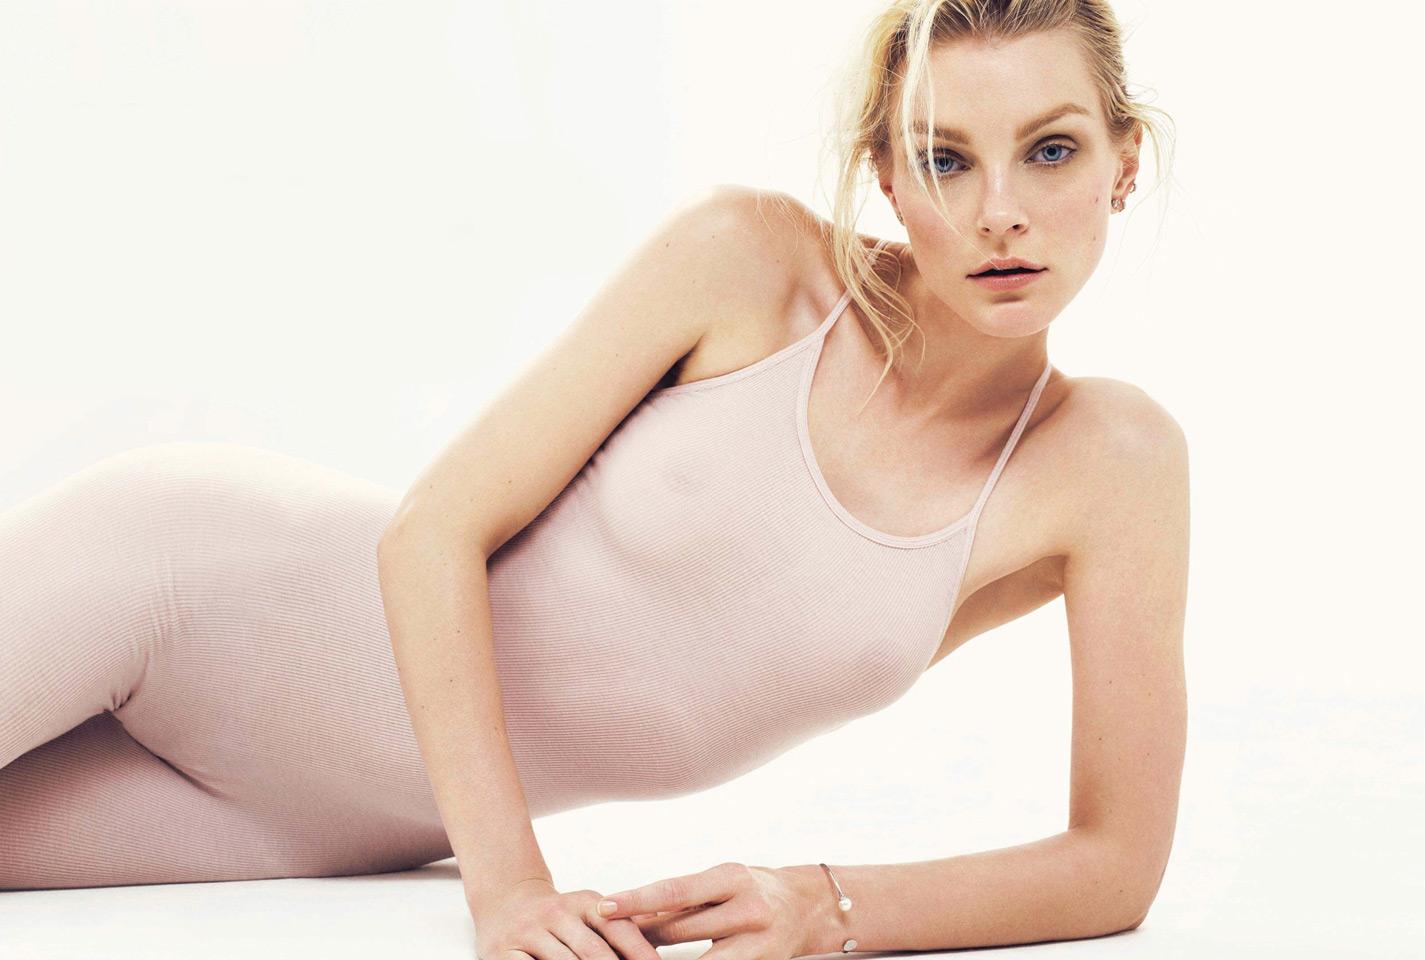 Dzhessika-Stem-v-S-Moda-Magazine-8-foto